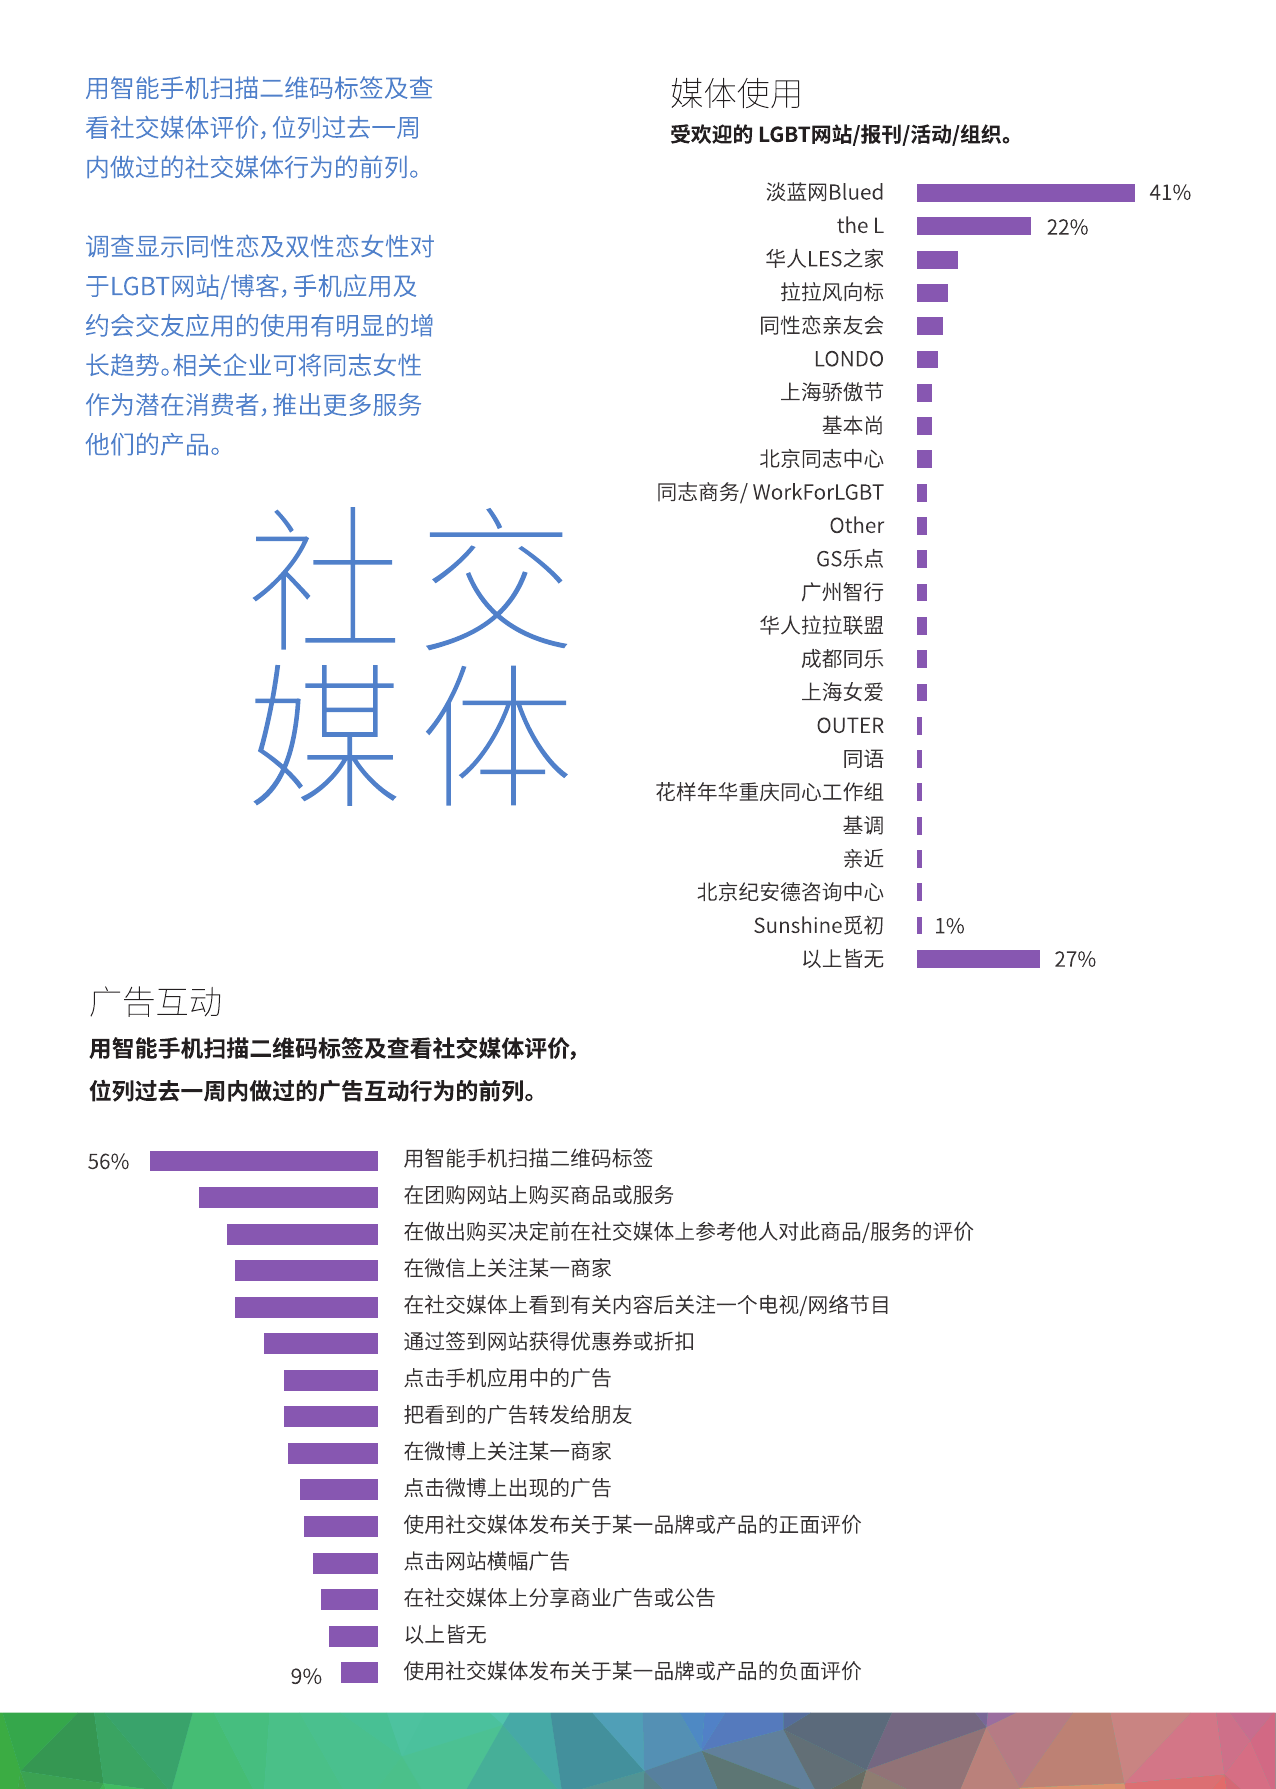 中国LGBT群体生活消费调查报告_000018